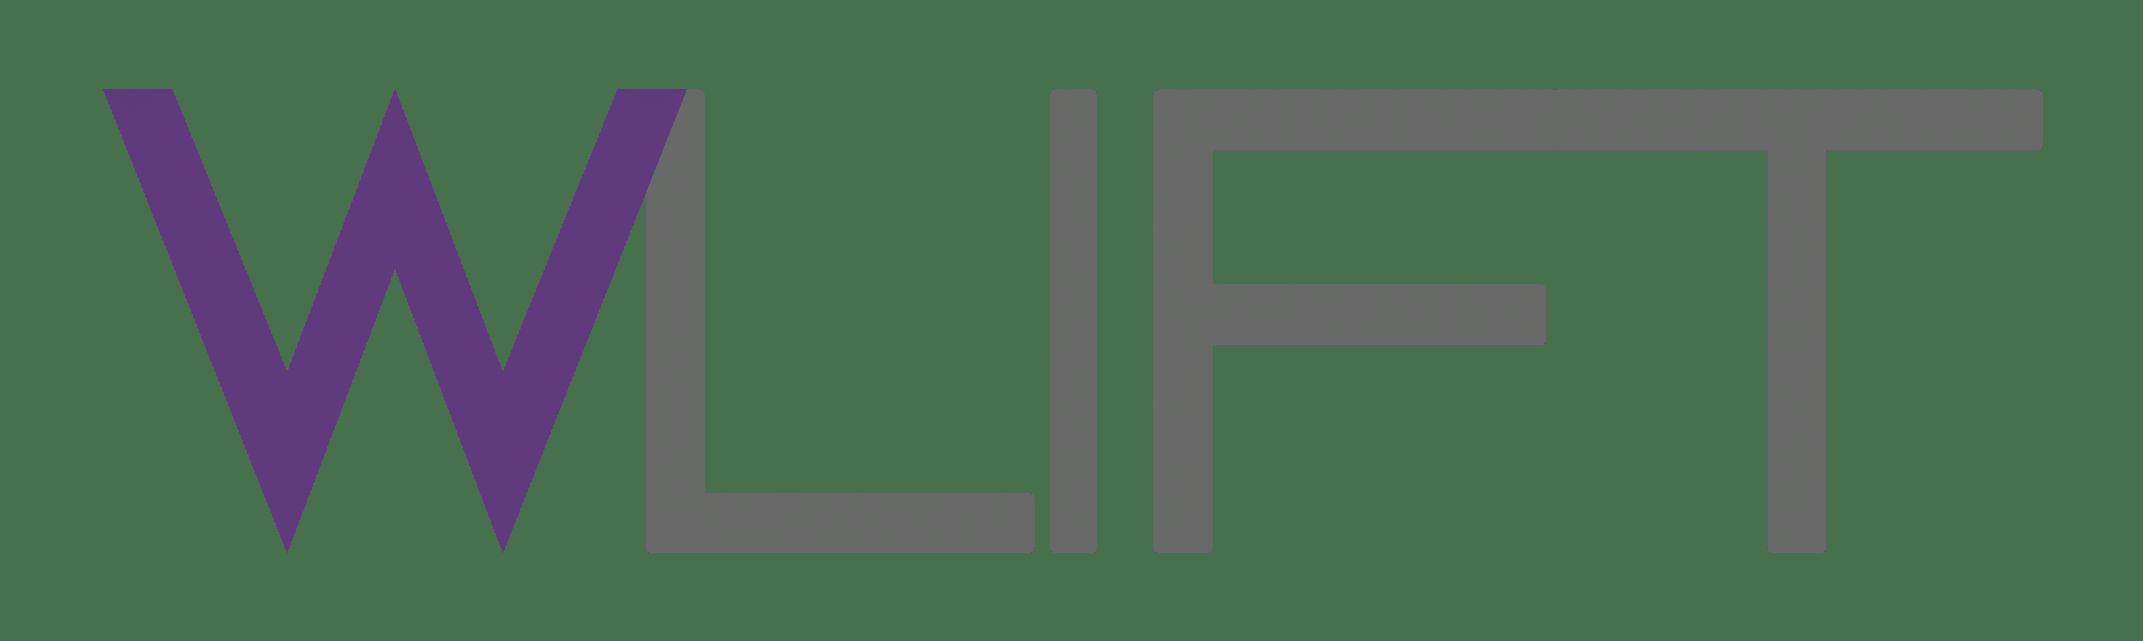 W-Lift